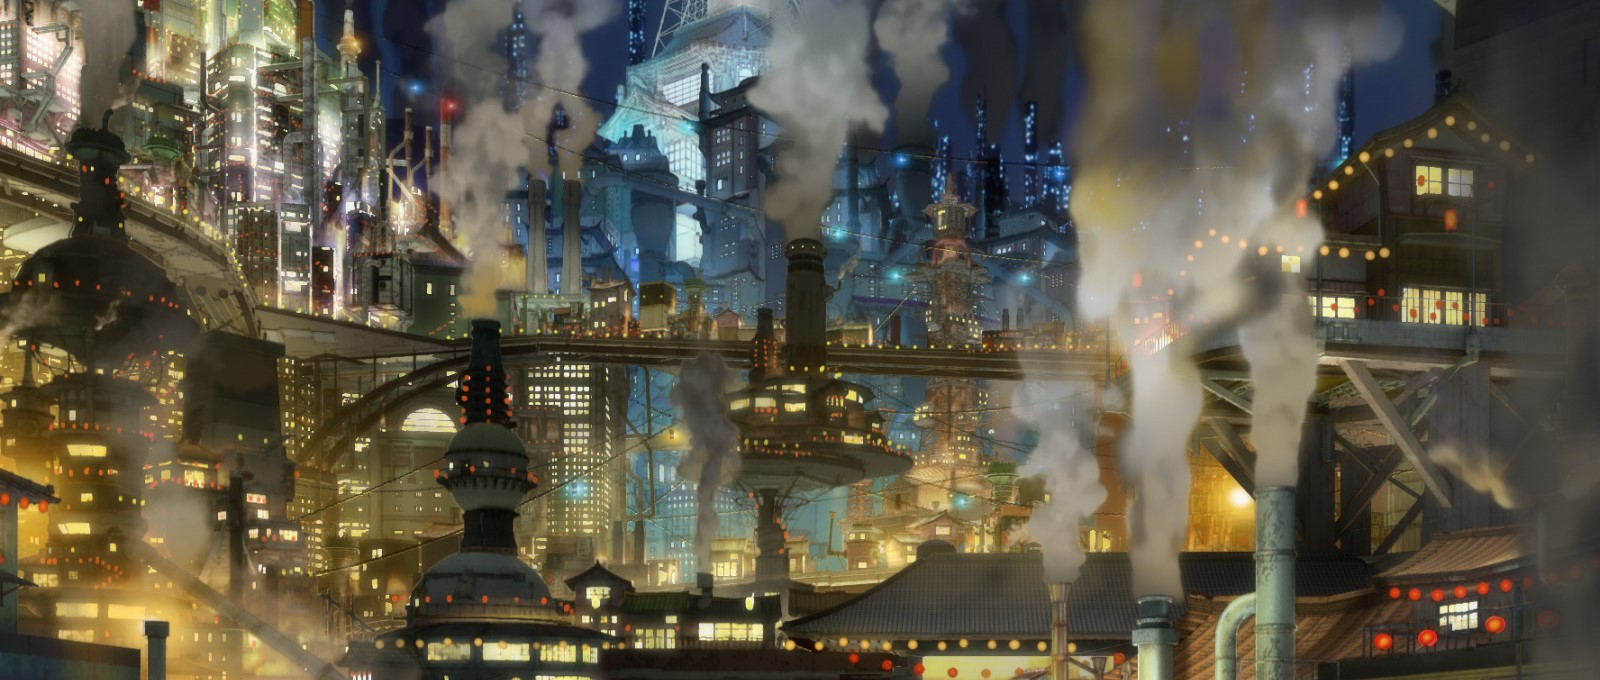 SILKHAT - 映画『えんとつ町のプペル 』を応援してくれる人のお名前を、劇中の看板の中に入れたい│SILKHAT(シルクハット)吉本興業のクラウドファンディング